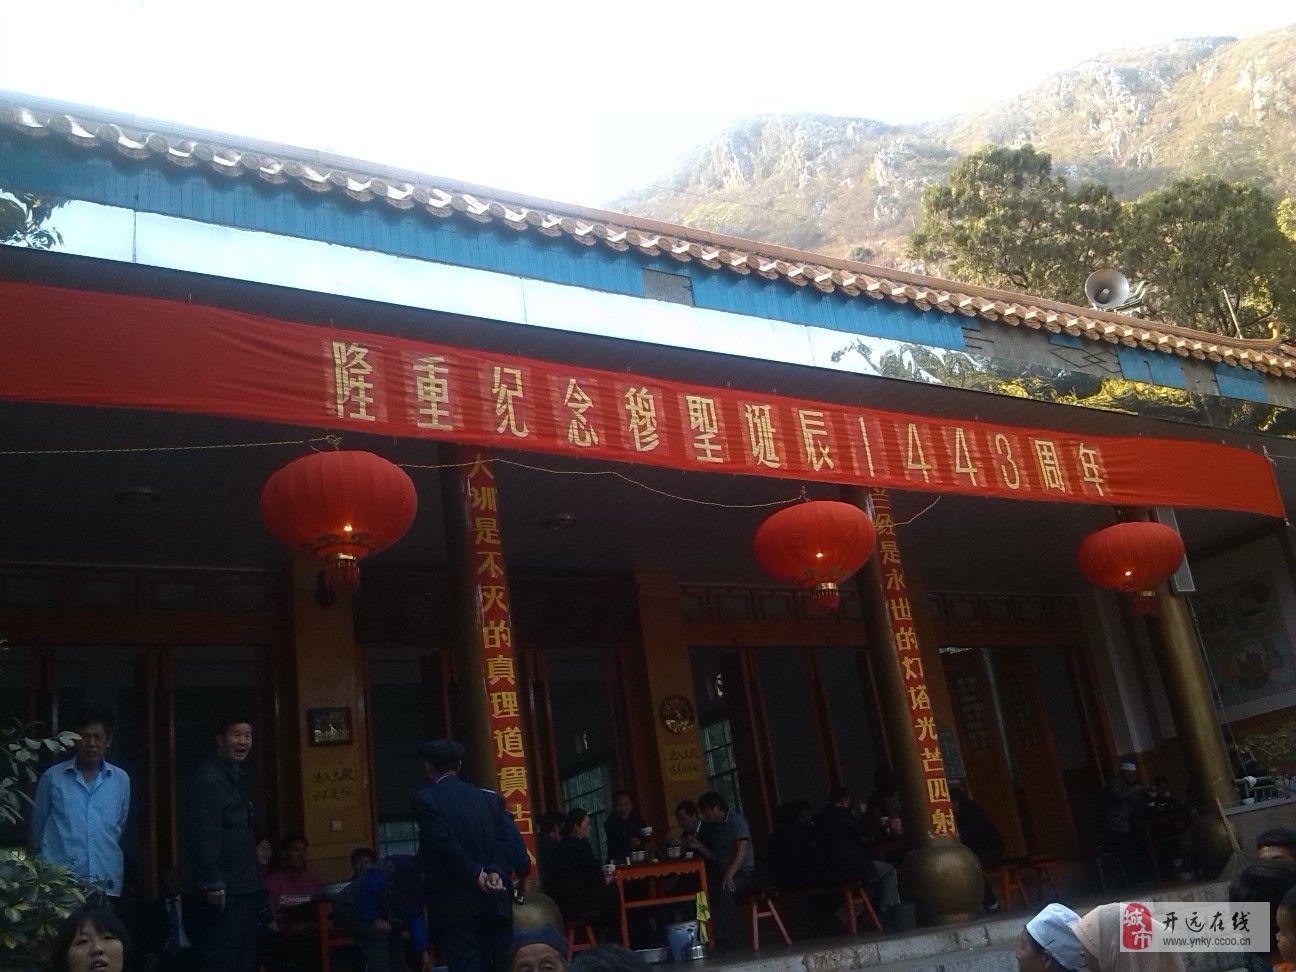 弥勒朋普小寨村圣纪节见闻